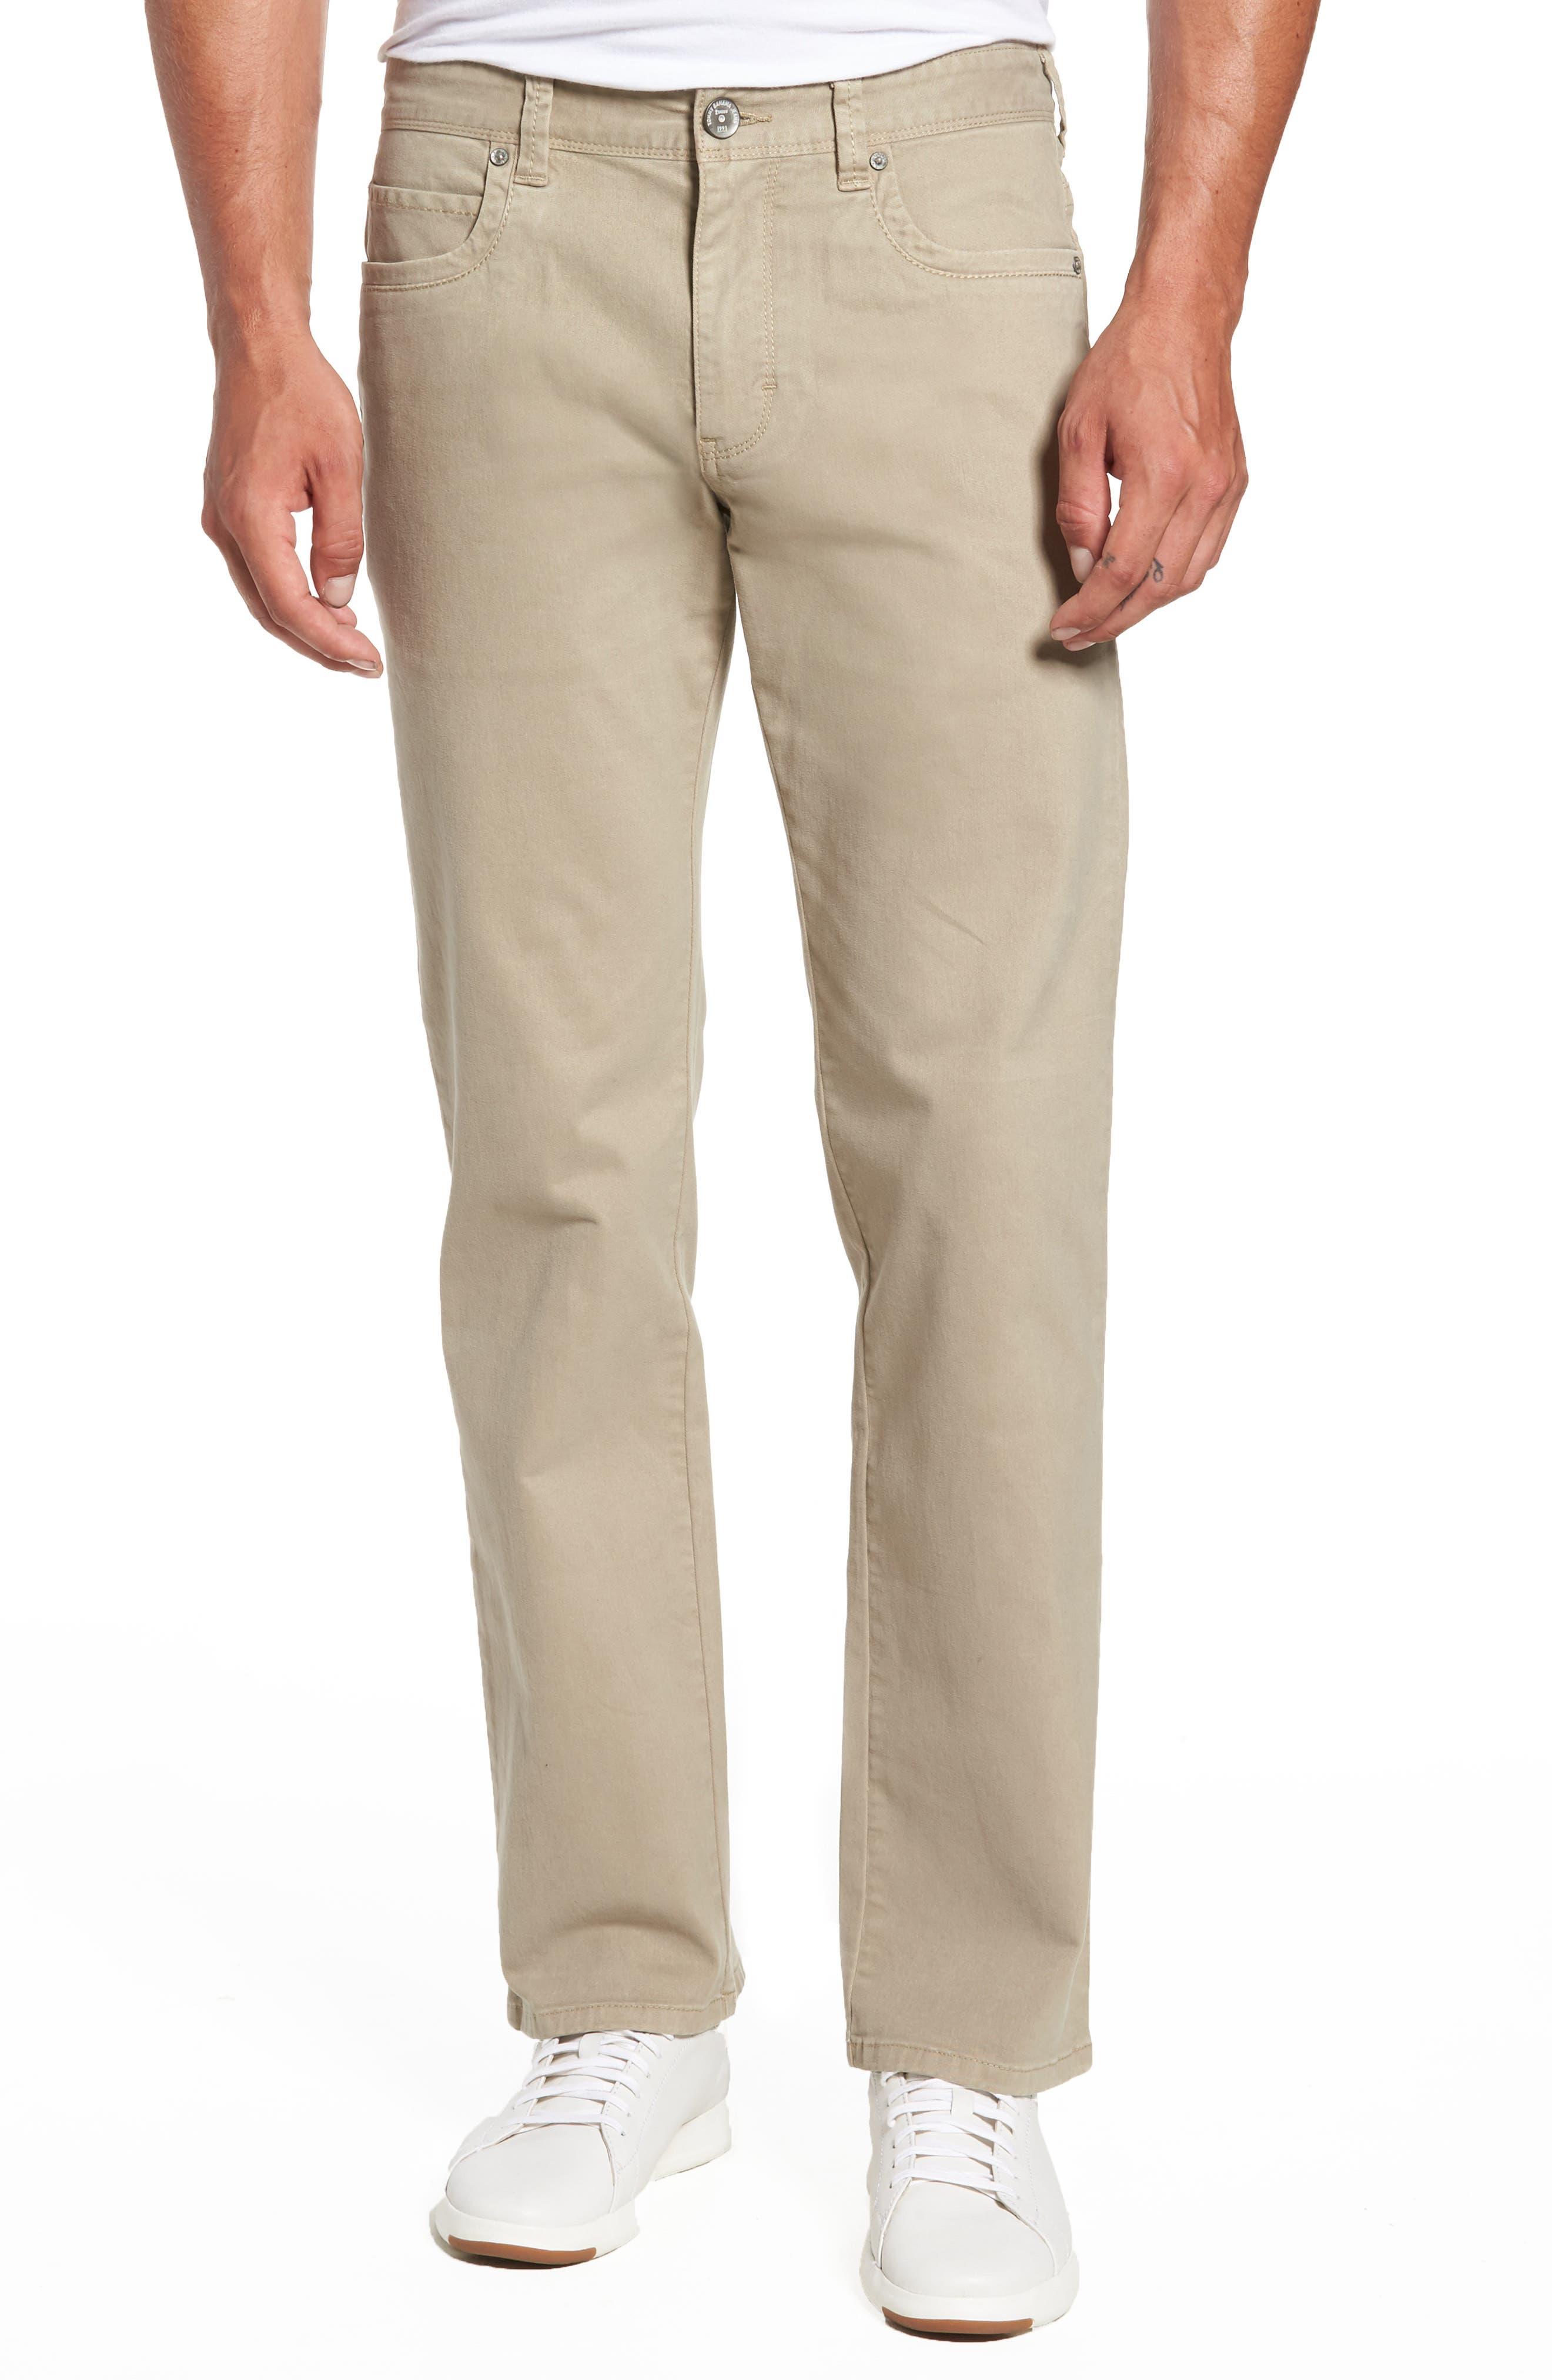 Boracay Pants,                             Main thumbnail 3, color,